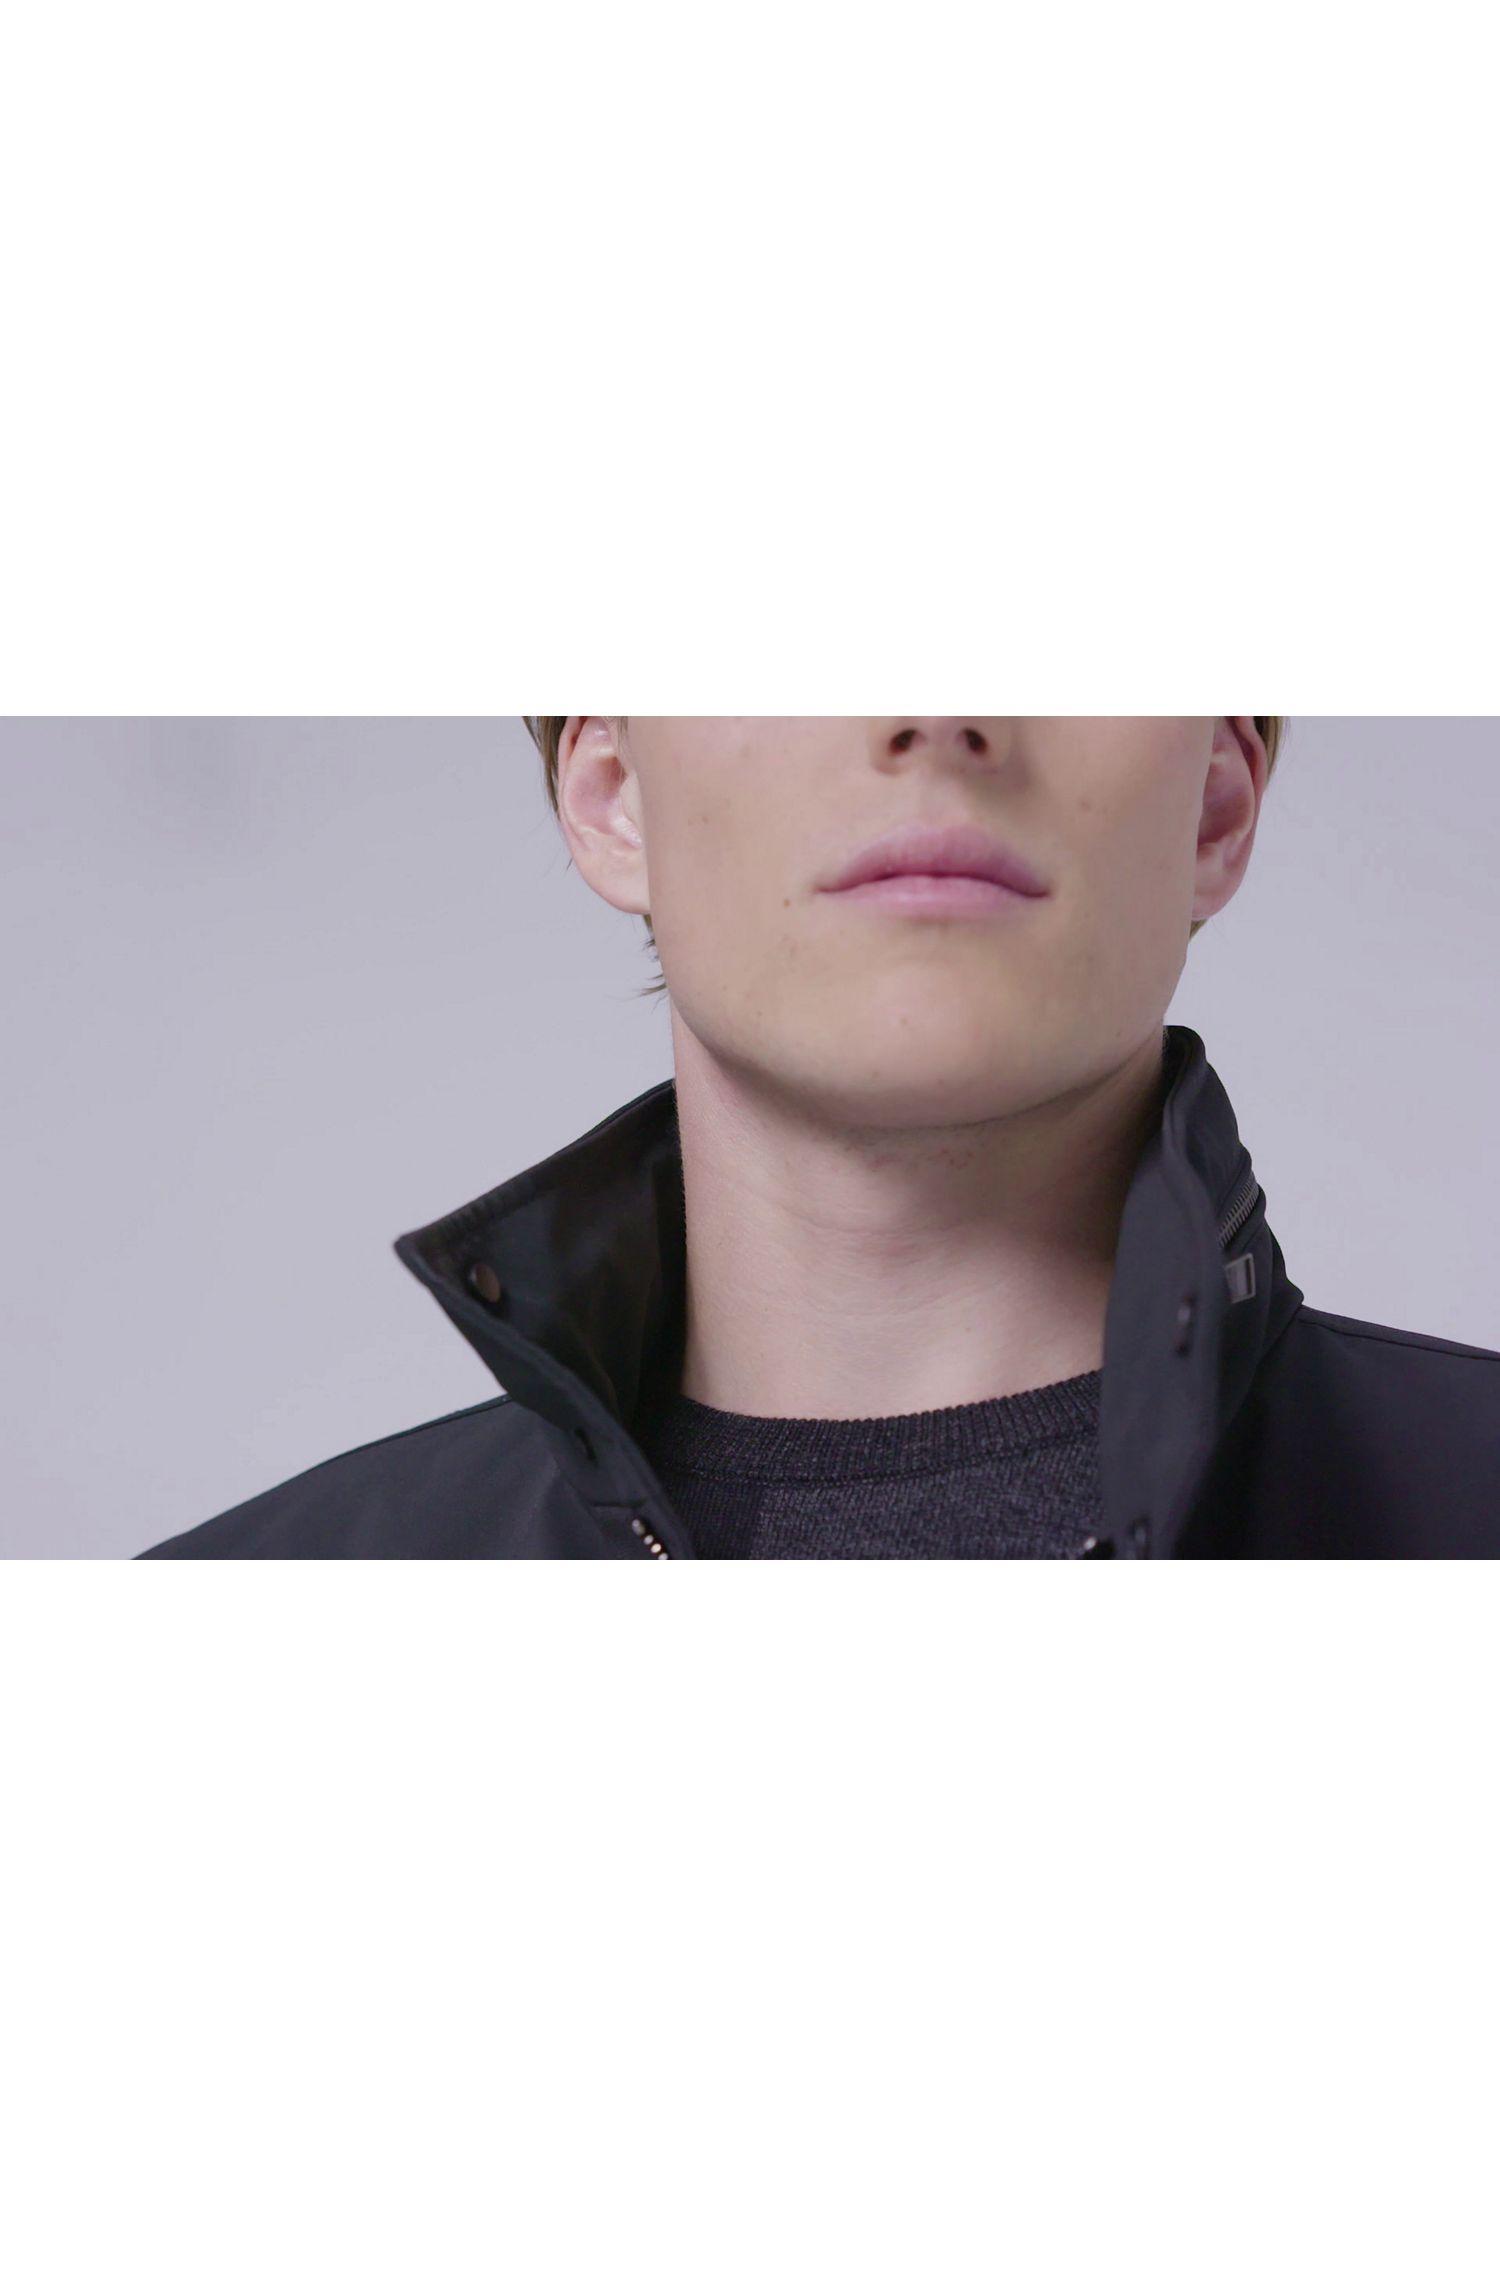 Het model in deze video draagt het product